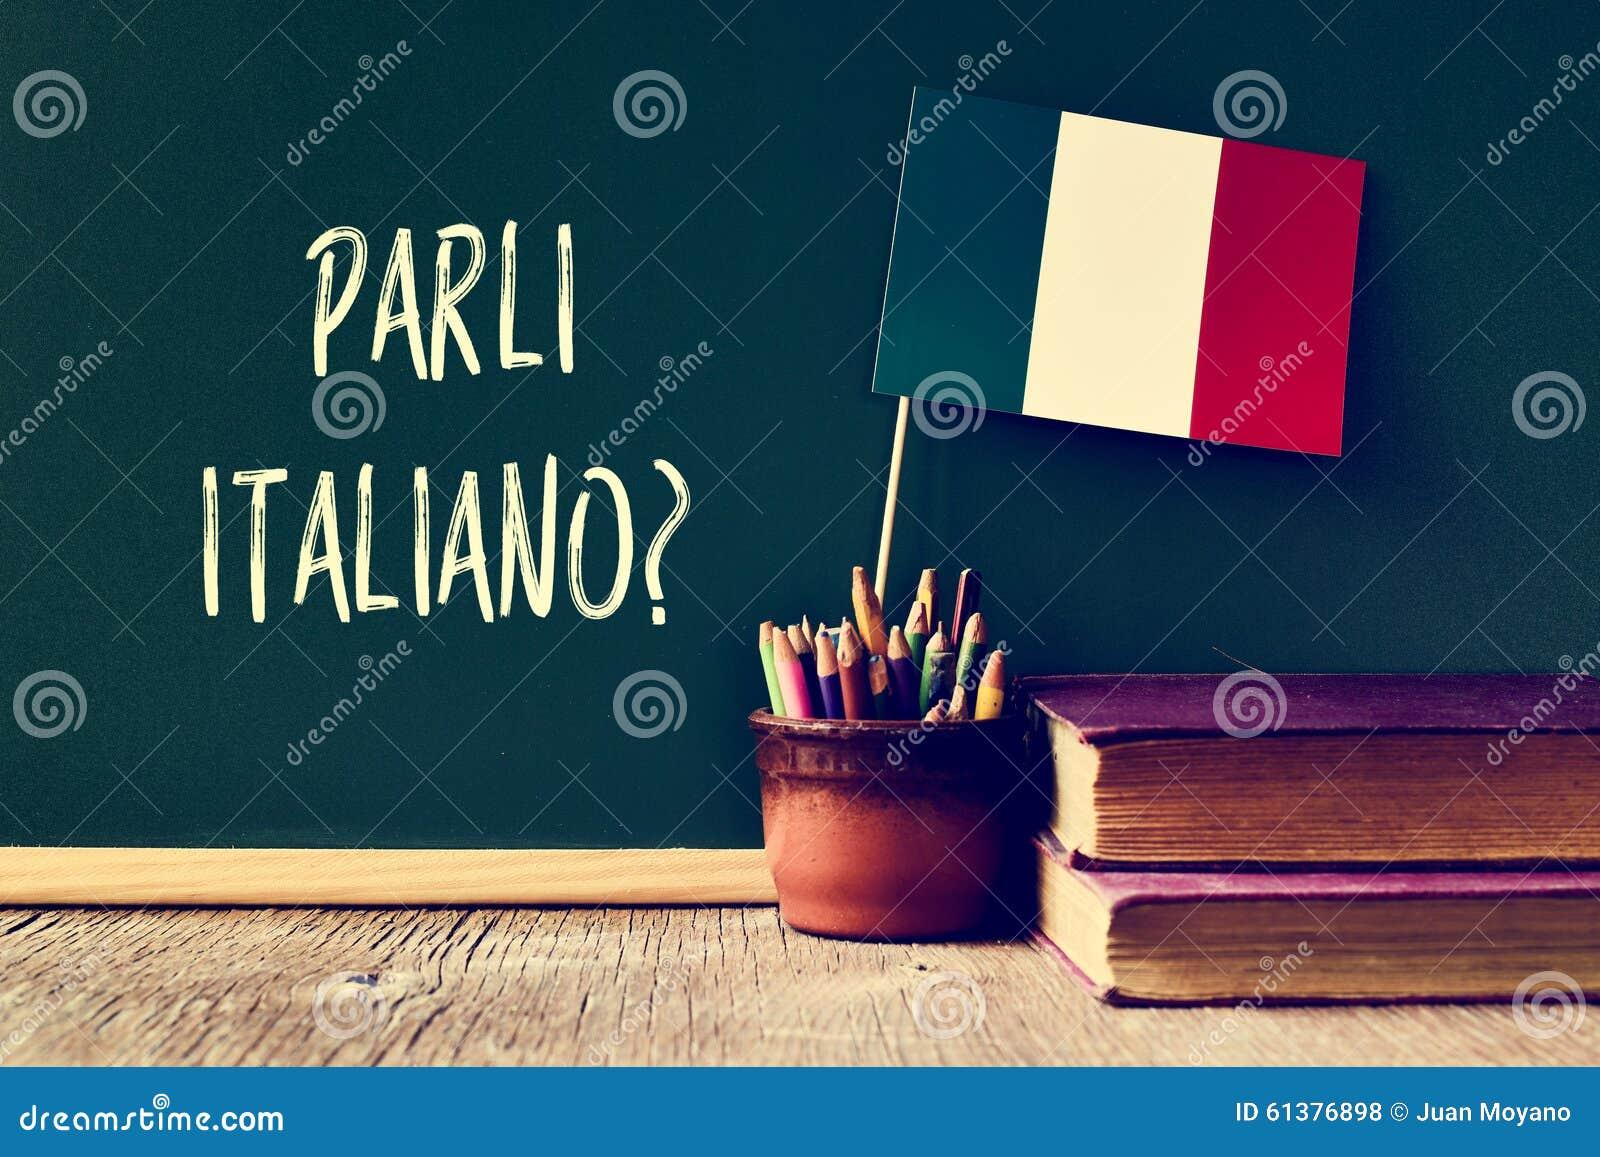 问题parli italiano ?您是否讲意大利语?